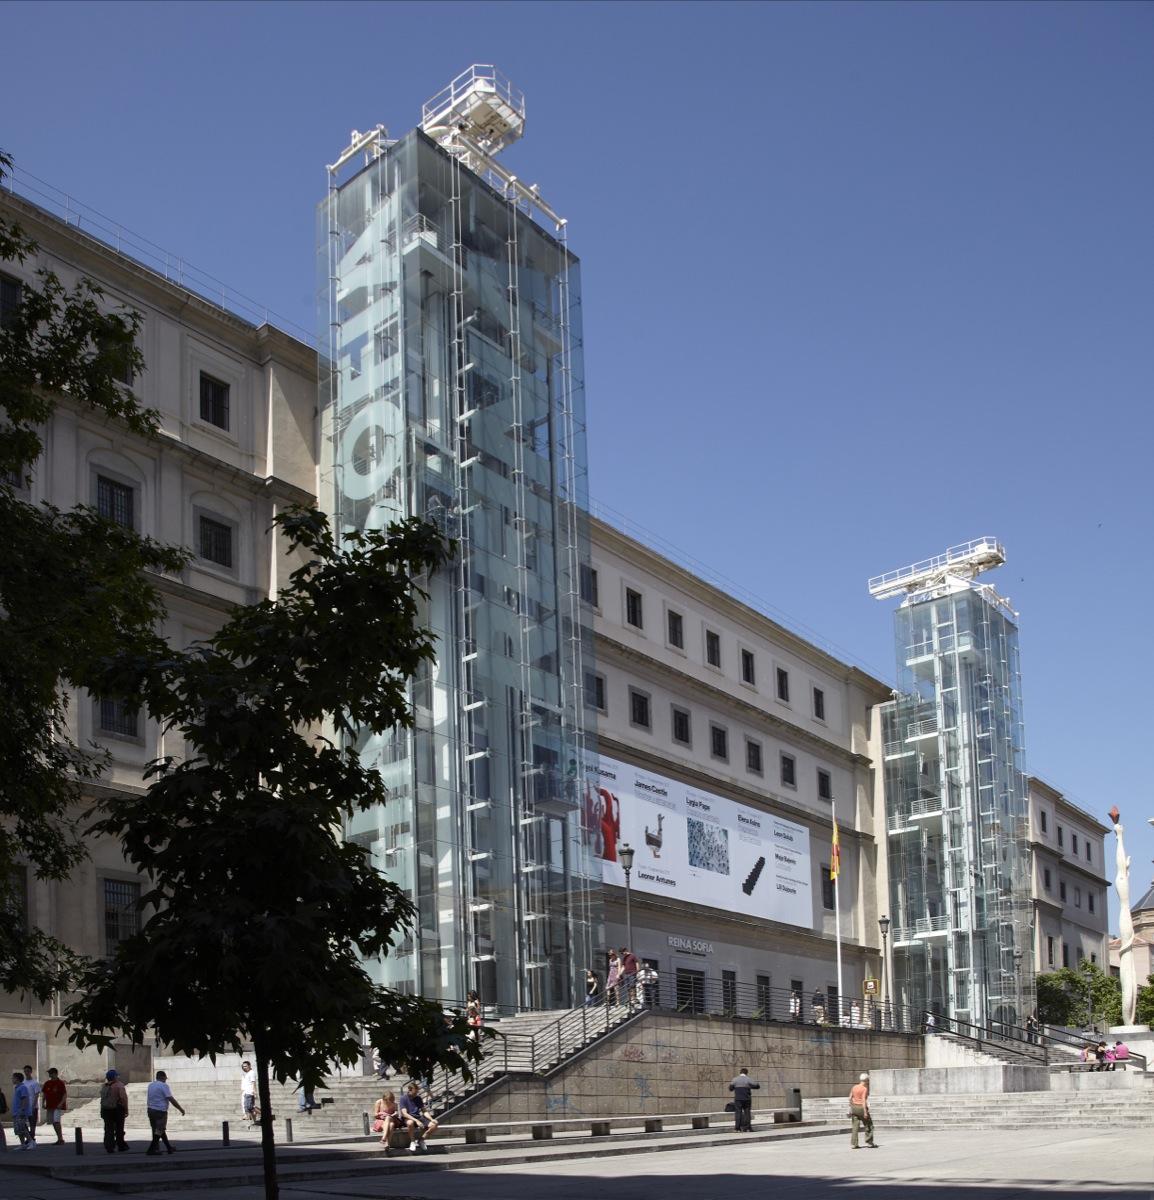 Edificio Sabatini Museo Reina Sofía